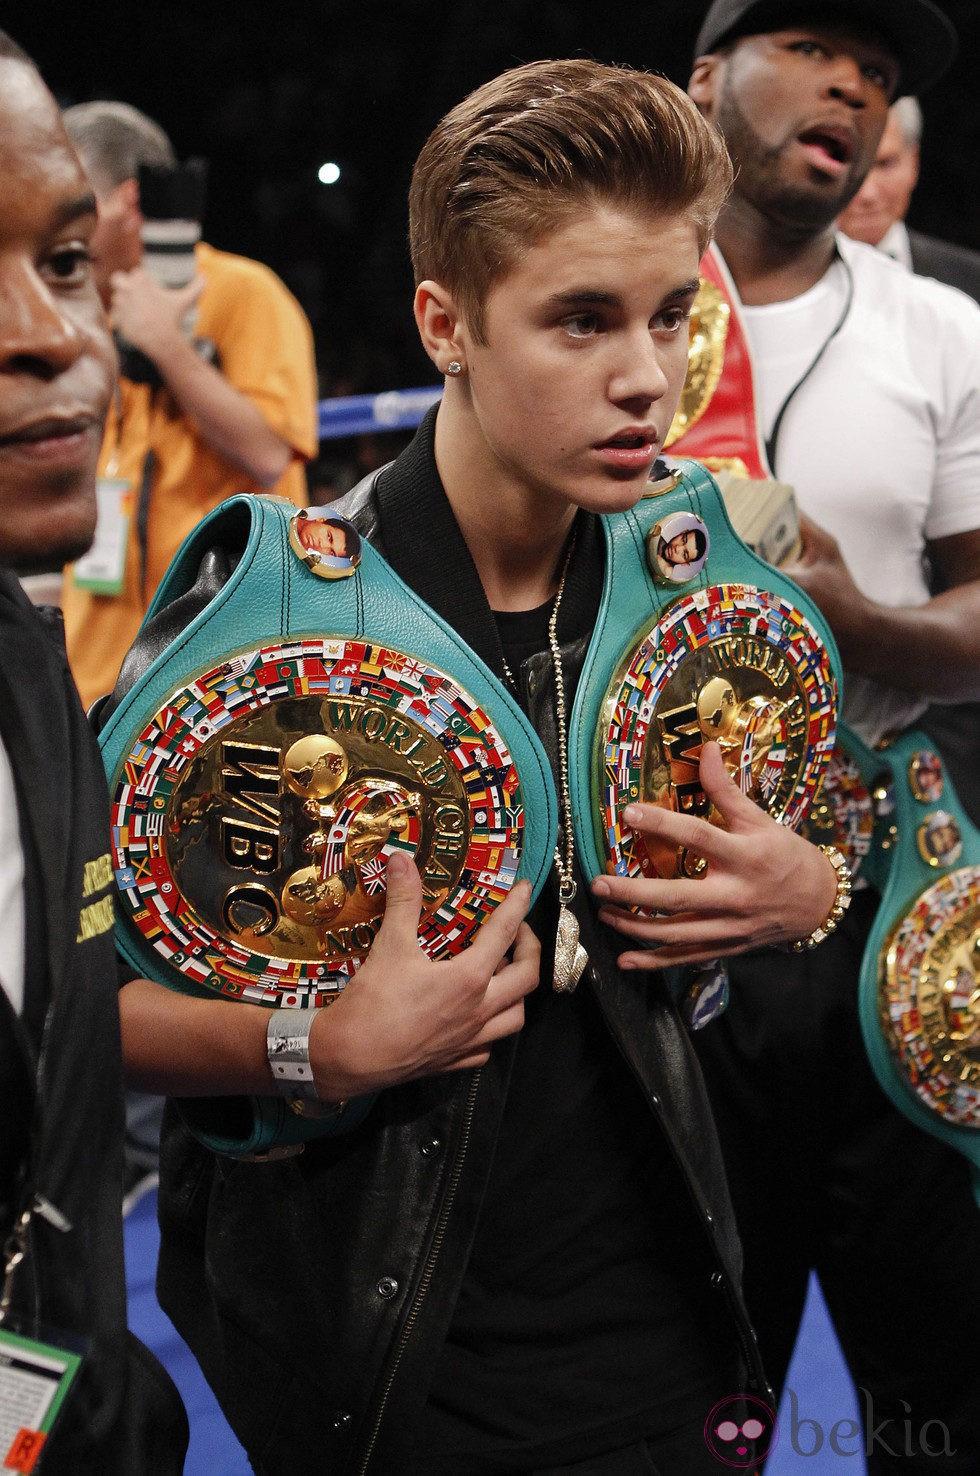 Justin Bieber en la pelea de boxeo de el Grand Garden Arena de Las Vegas